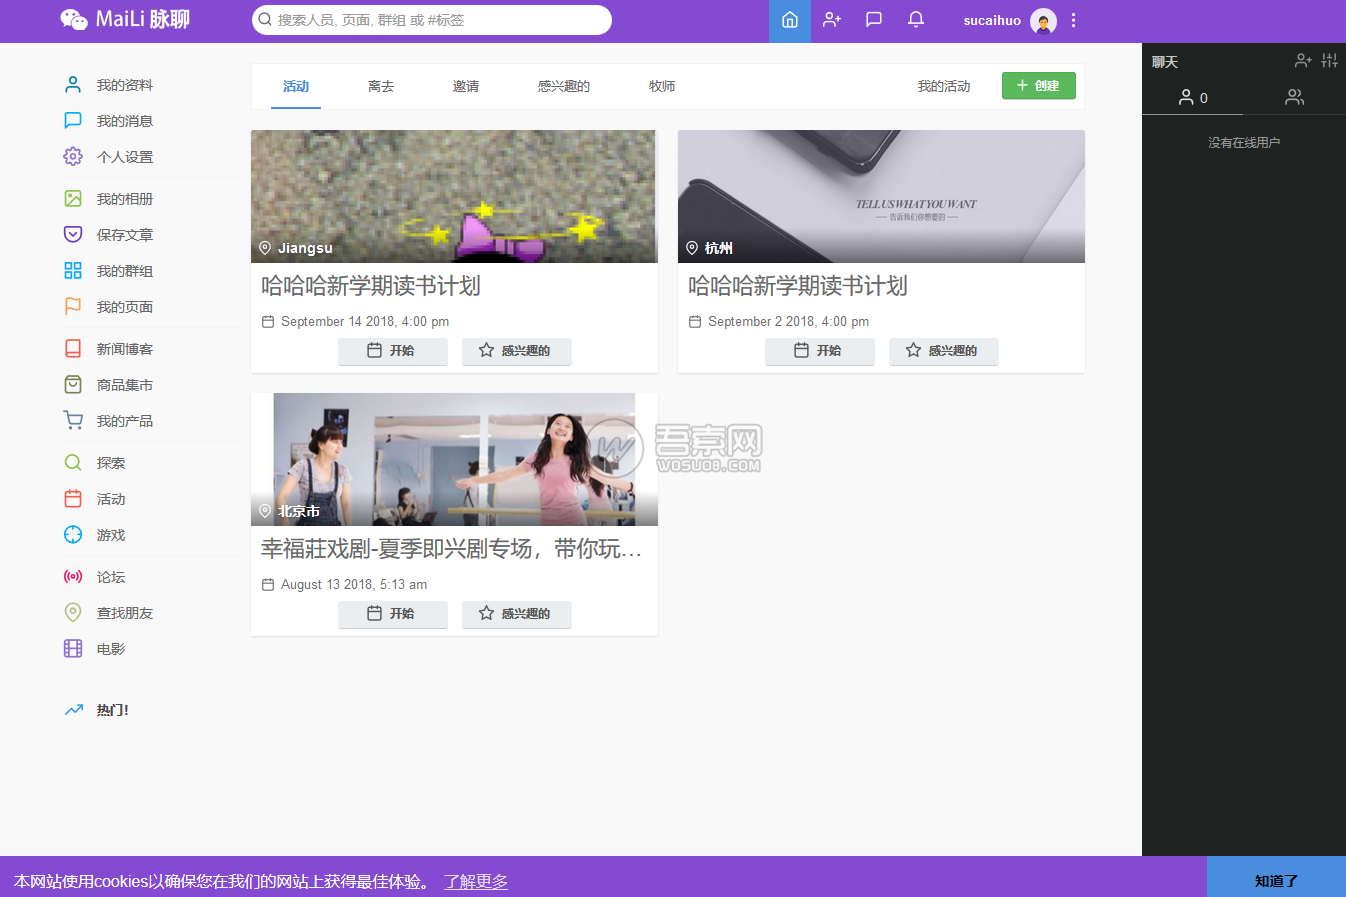 前端ui很漂亮的PHP脉聊交友网站源码+app源码   附安装视频教程 婚嫁交友 第3张